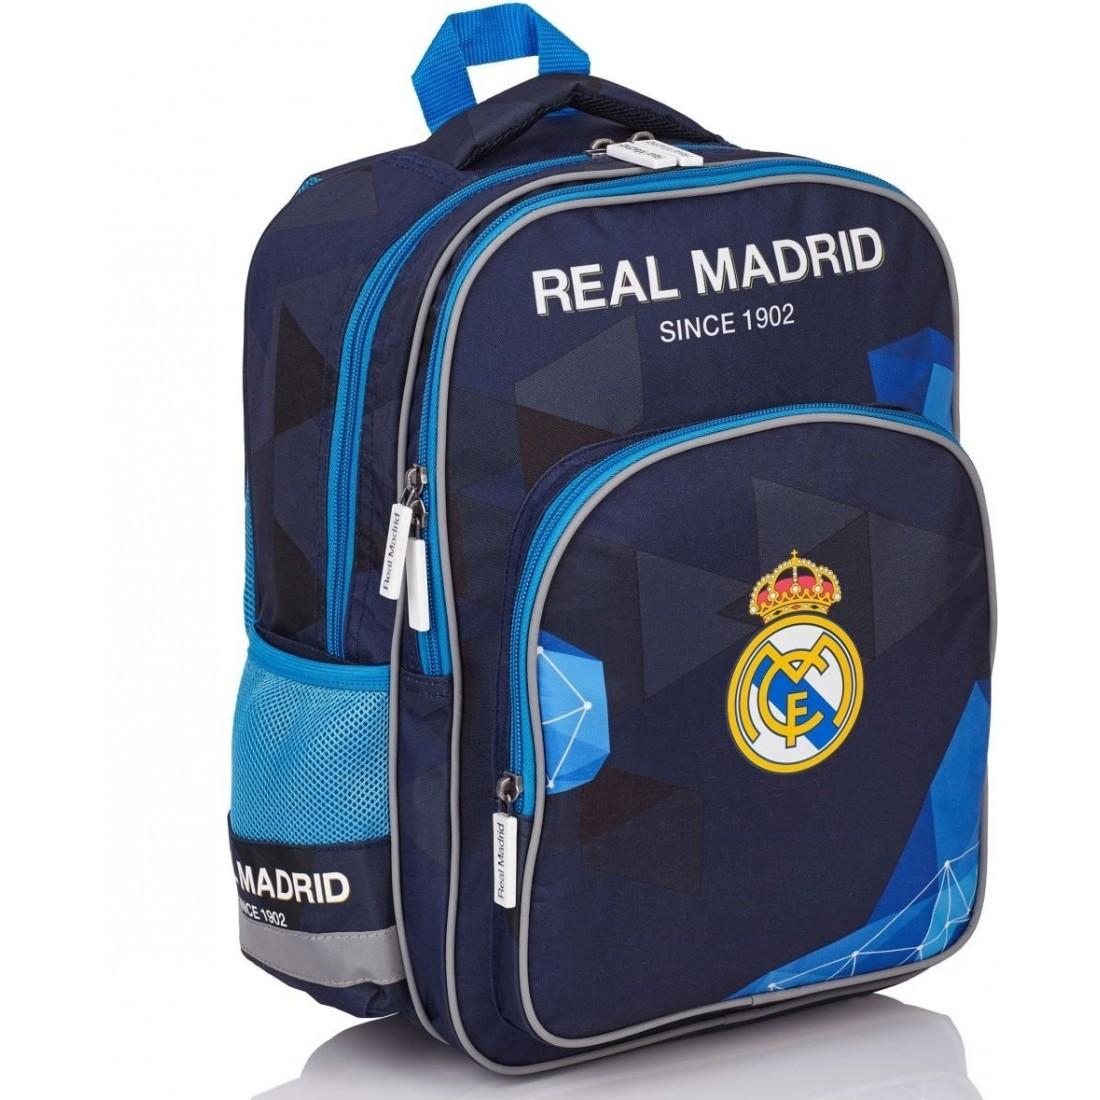 Plecak szkolny Real Madryt RM-71 do klas 1-3 dla chłopca